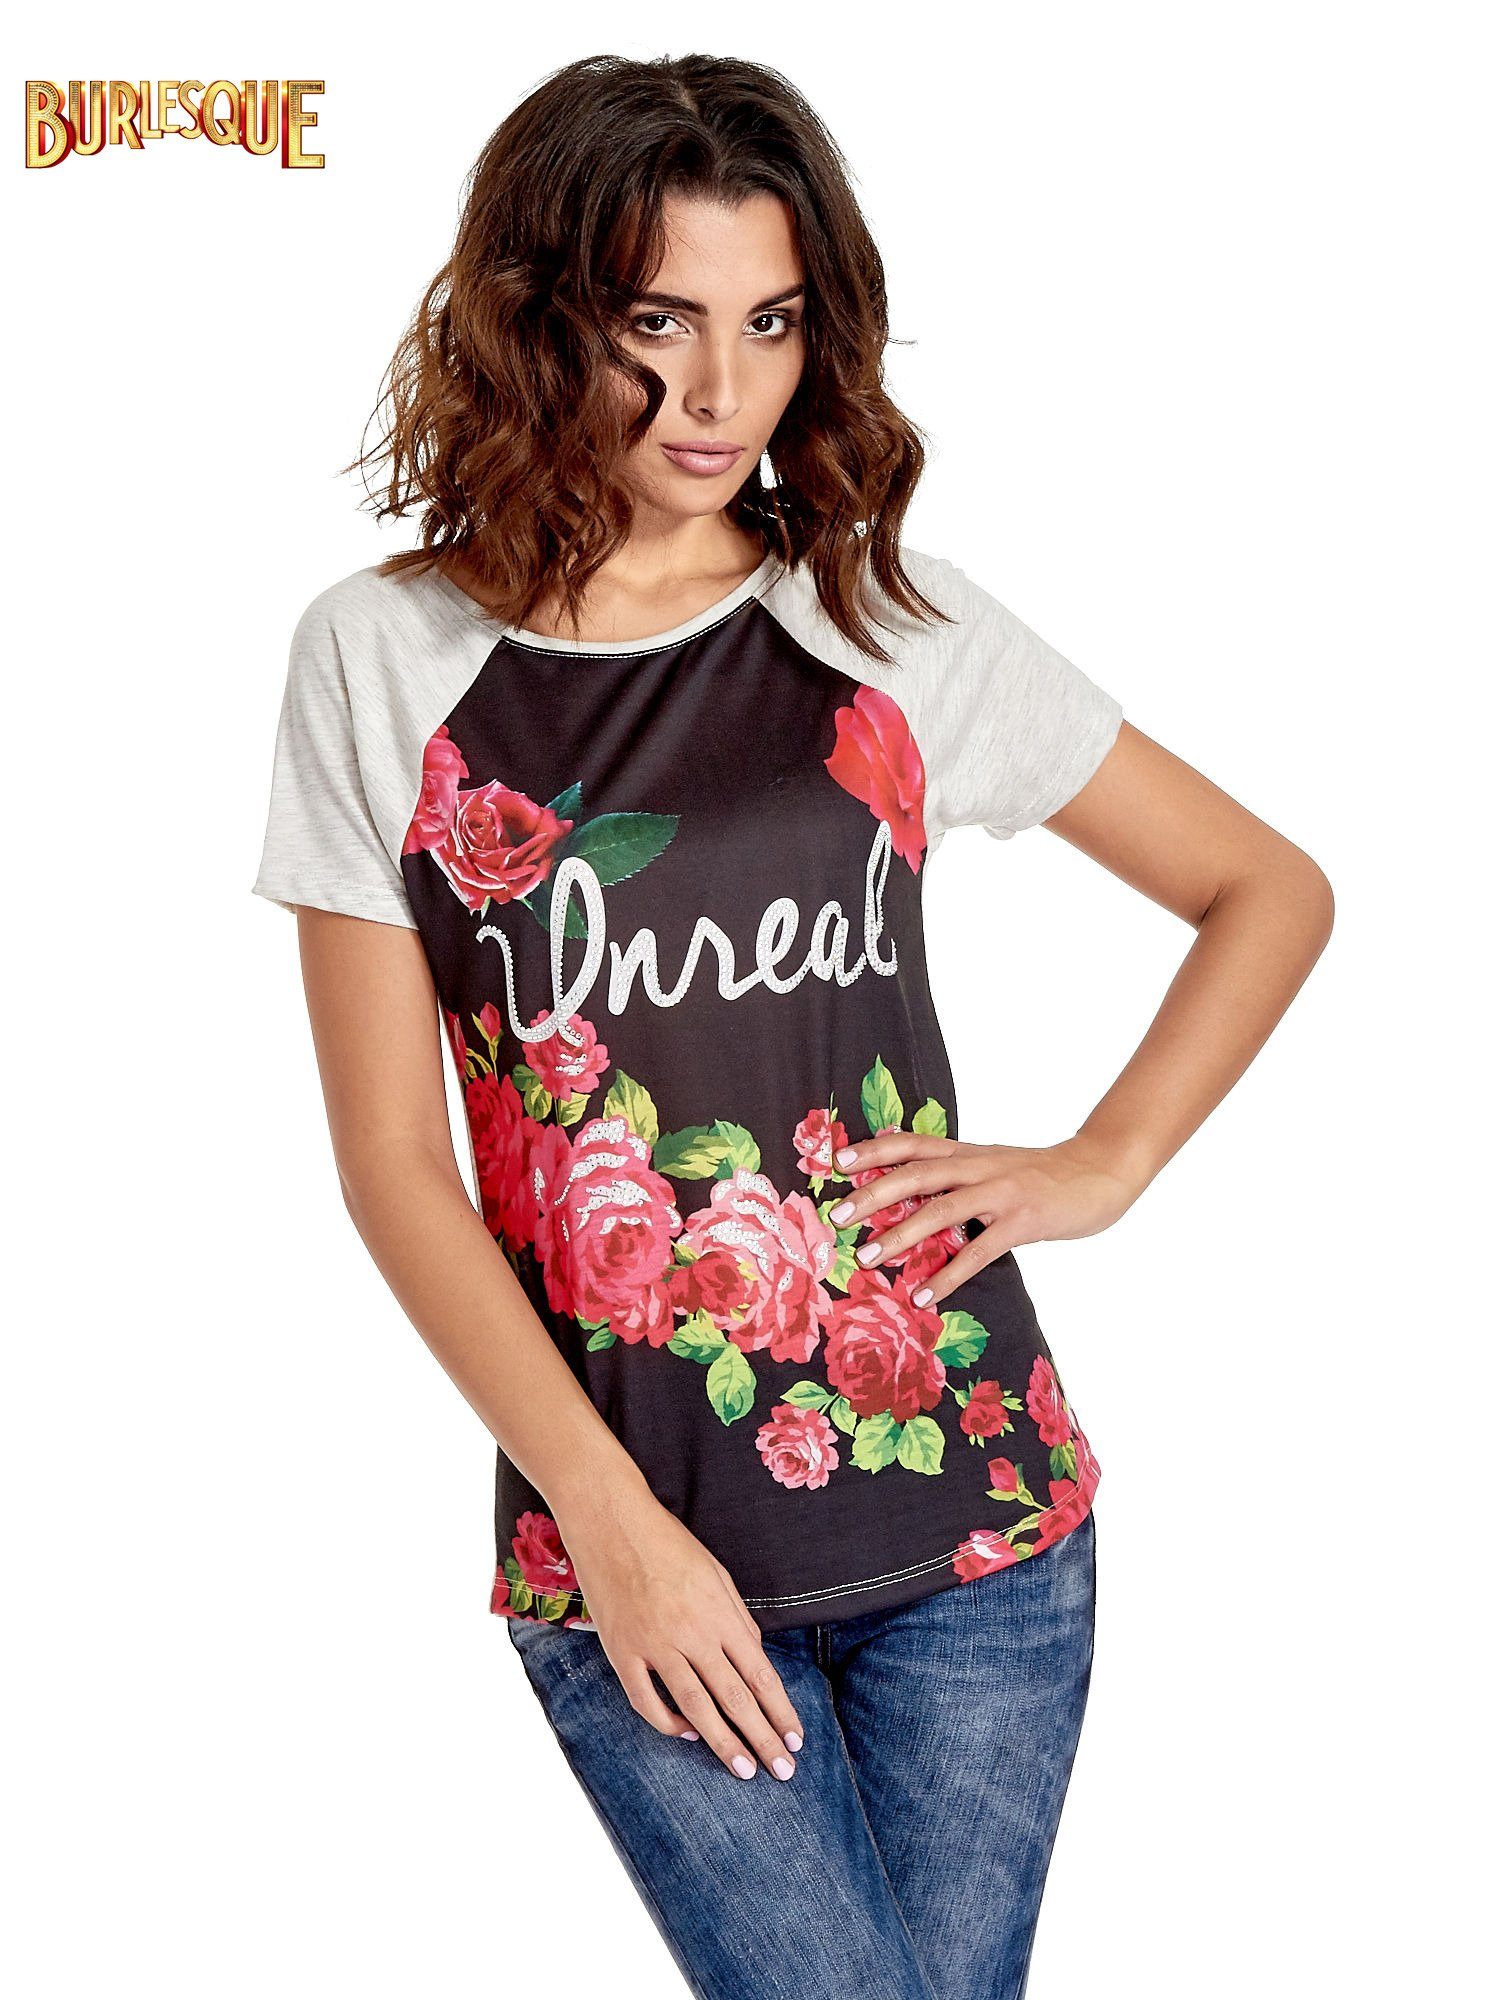 Czarnt t-shirt z kwiatowym nadrukiem i napisem UNREAL                                  zdj.                                  1